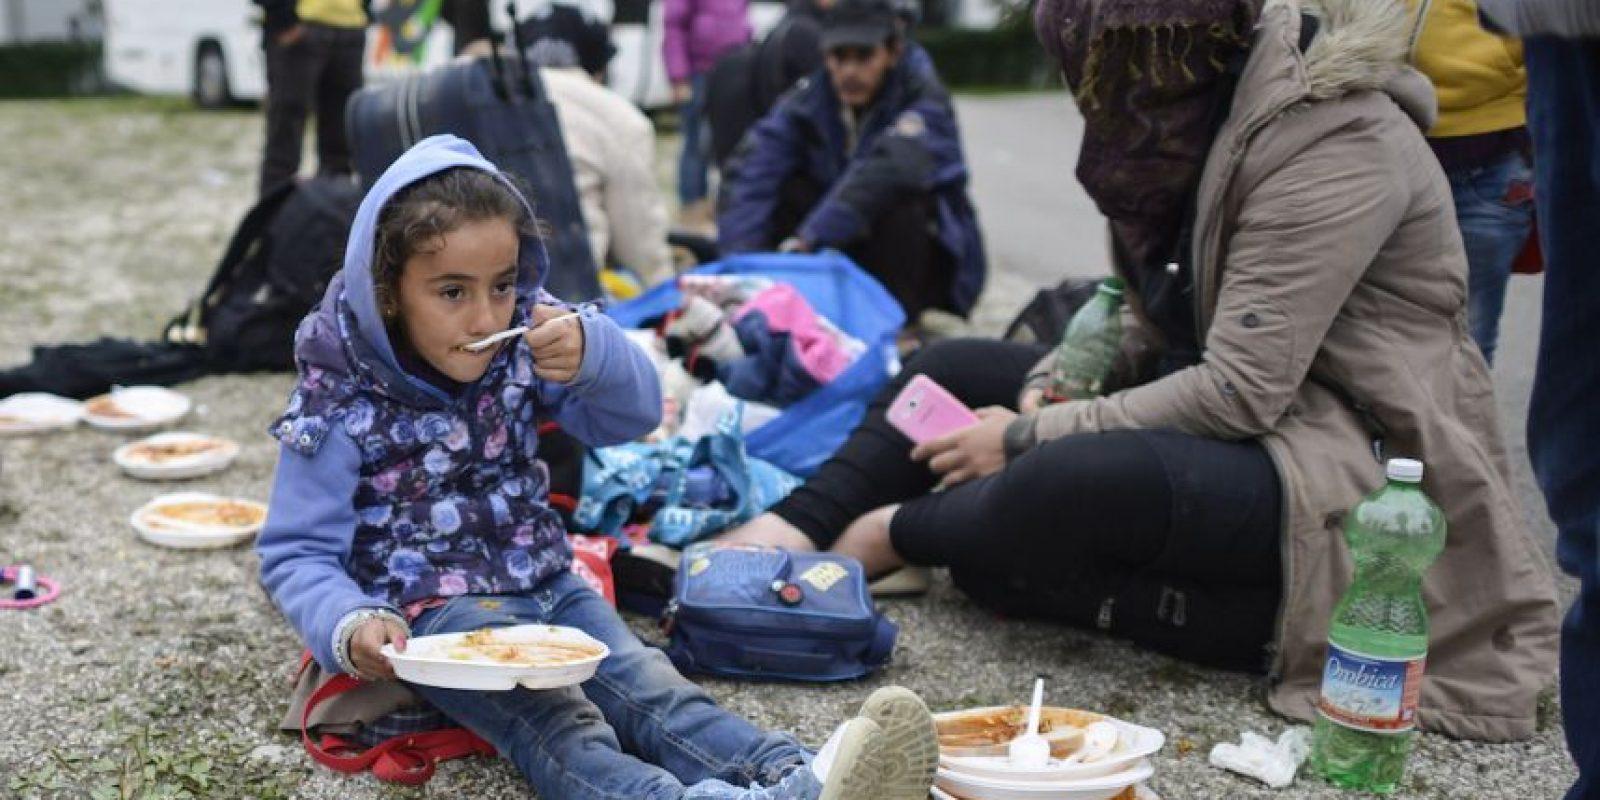 Alemania es el país que mayor apoyo ha dado a refugiados. En los primeros 6 meses de 2015, Berlín recibió 171 mil 785 peticiones de asilo y aceptó el 43% de ellas. Foto:Getty Images